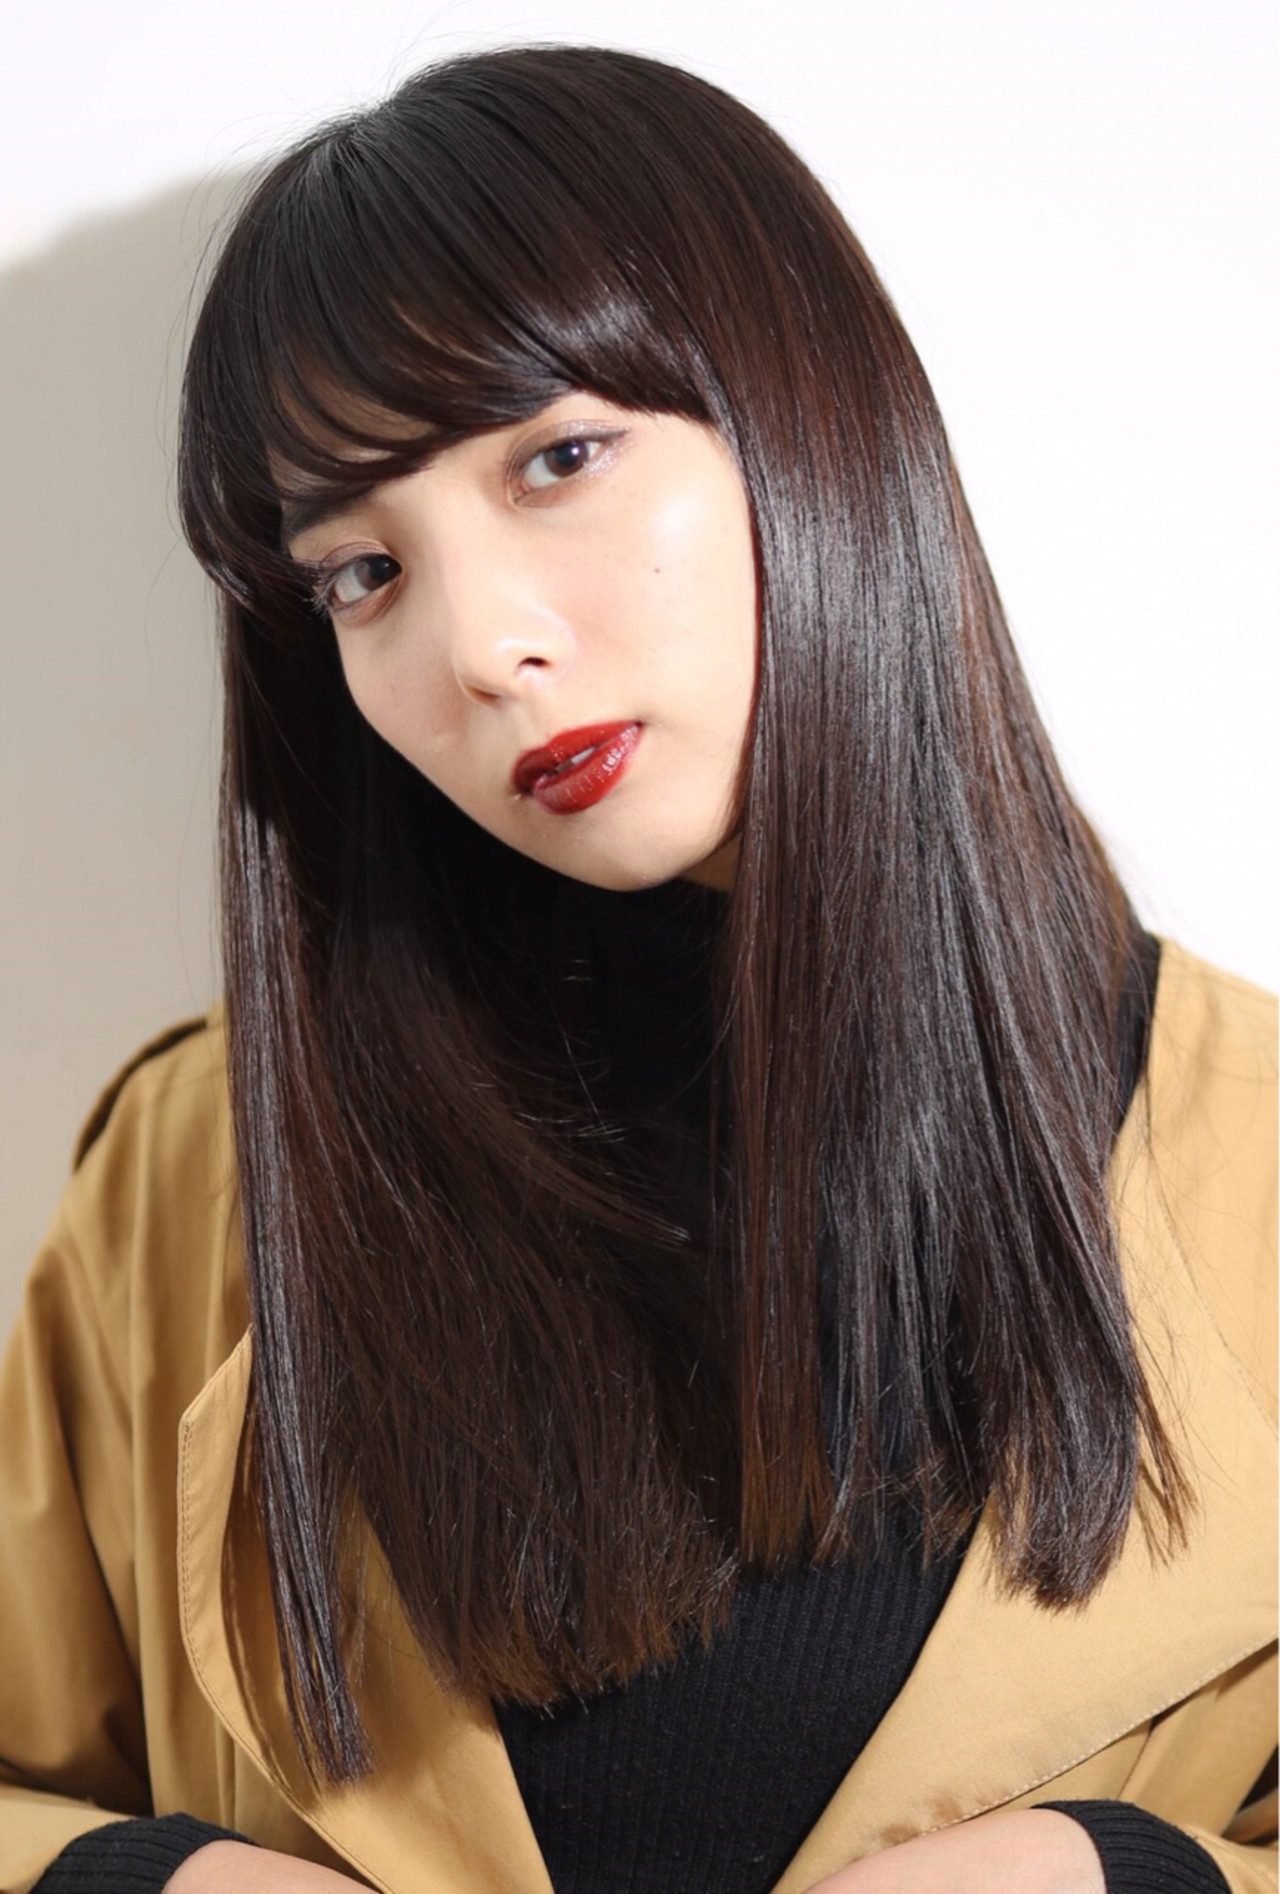 女性らしさが漂うふんわり前髪で優しい印象に Obayashi Natsumi